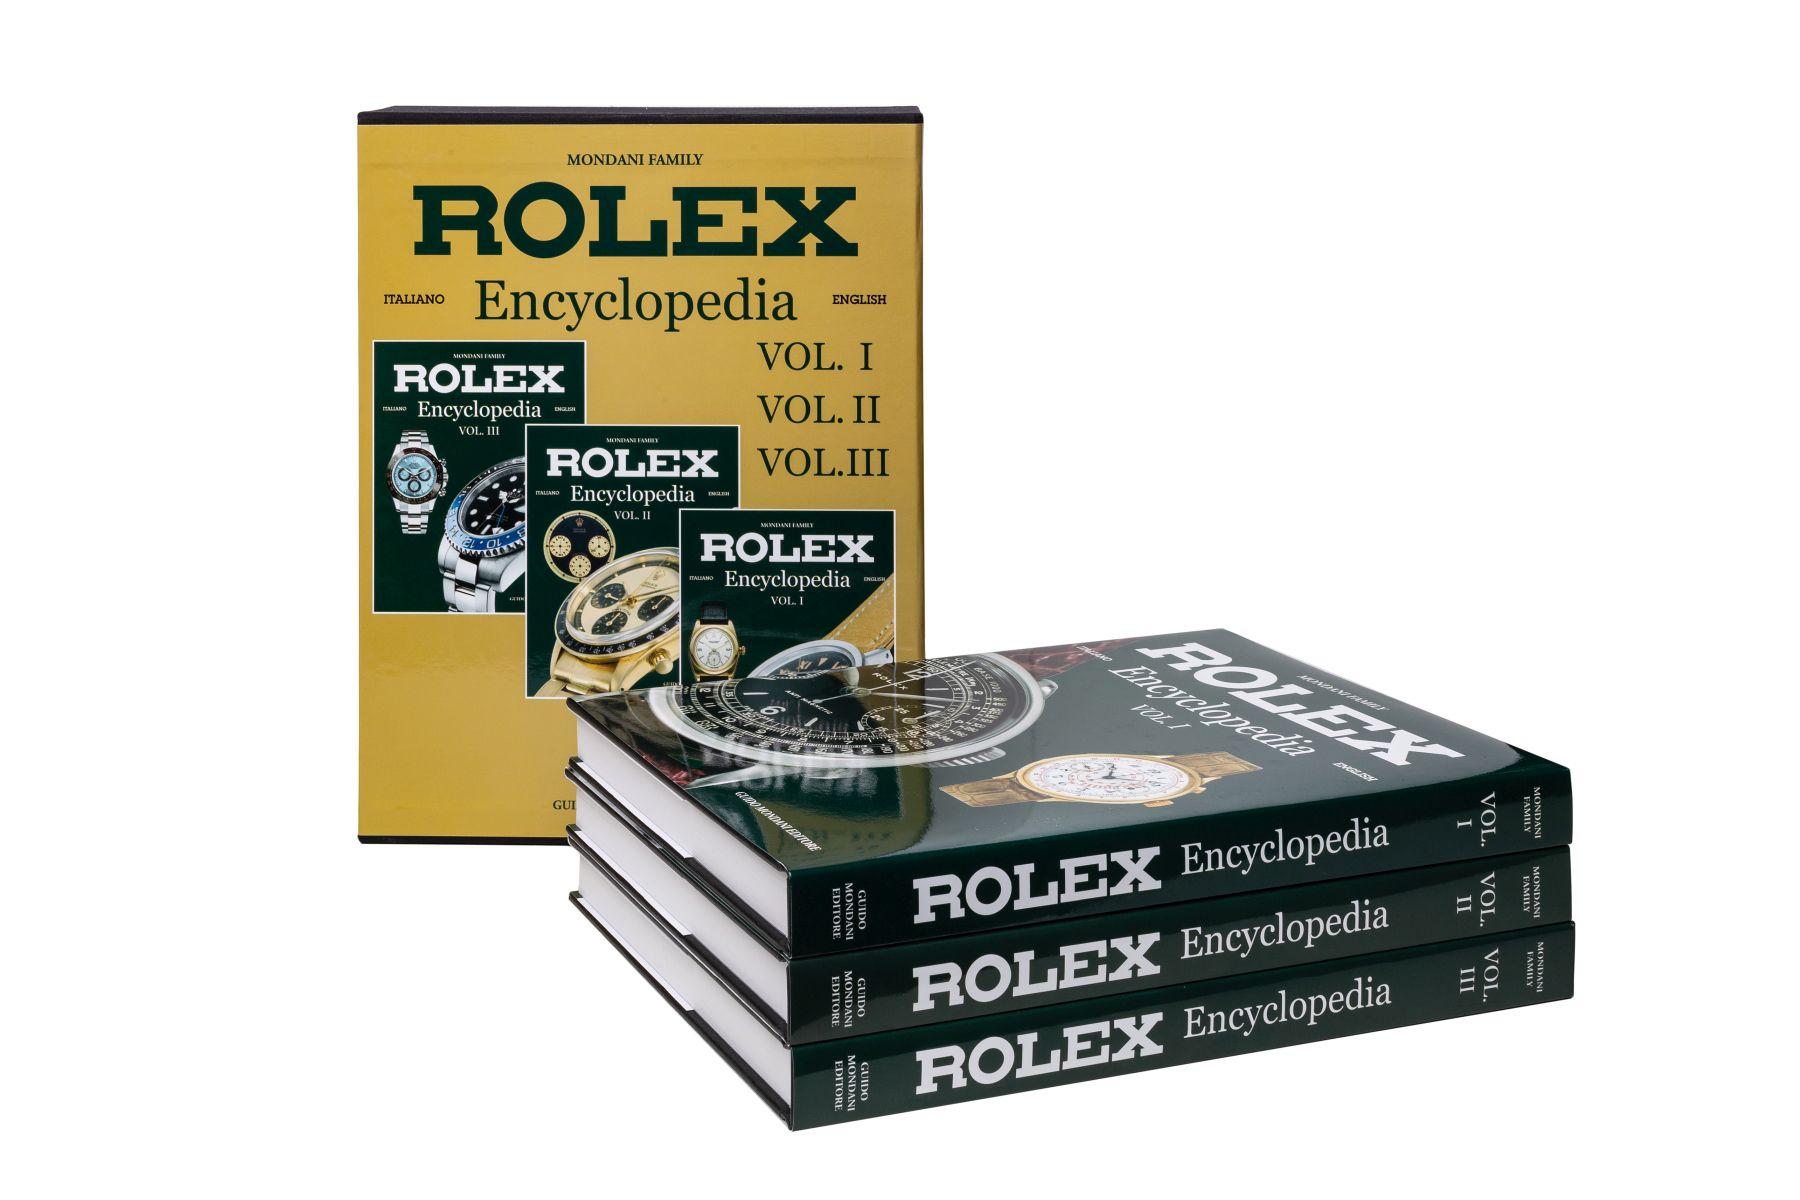 #108 Rolex Book Encyclopedia | Rolex Book Encyclopedia Image